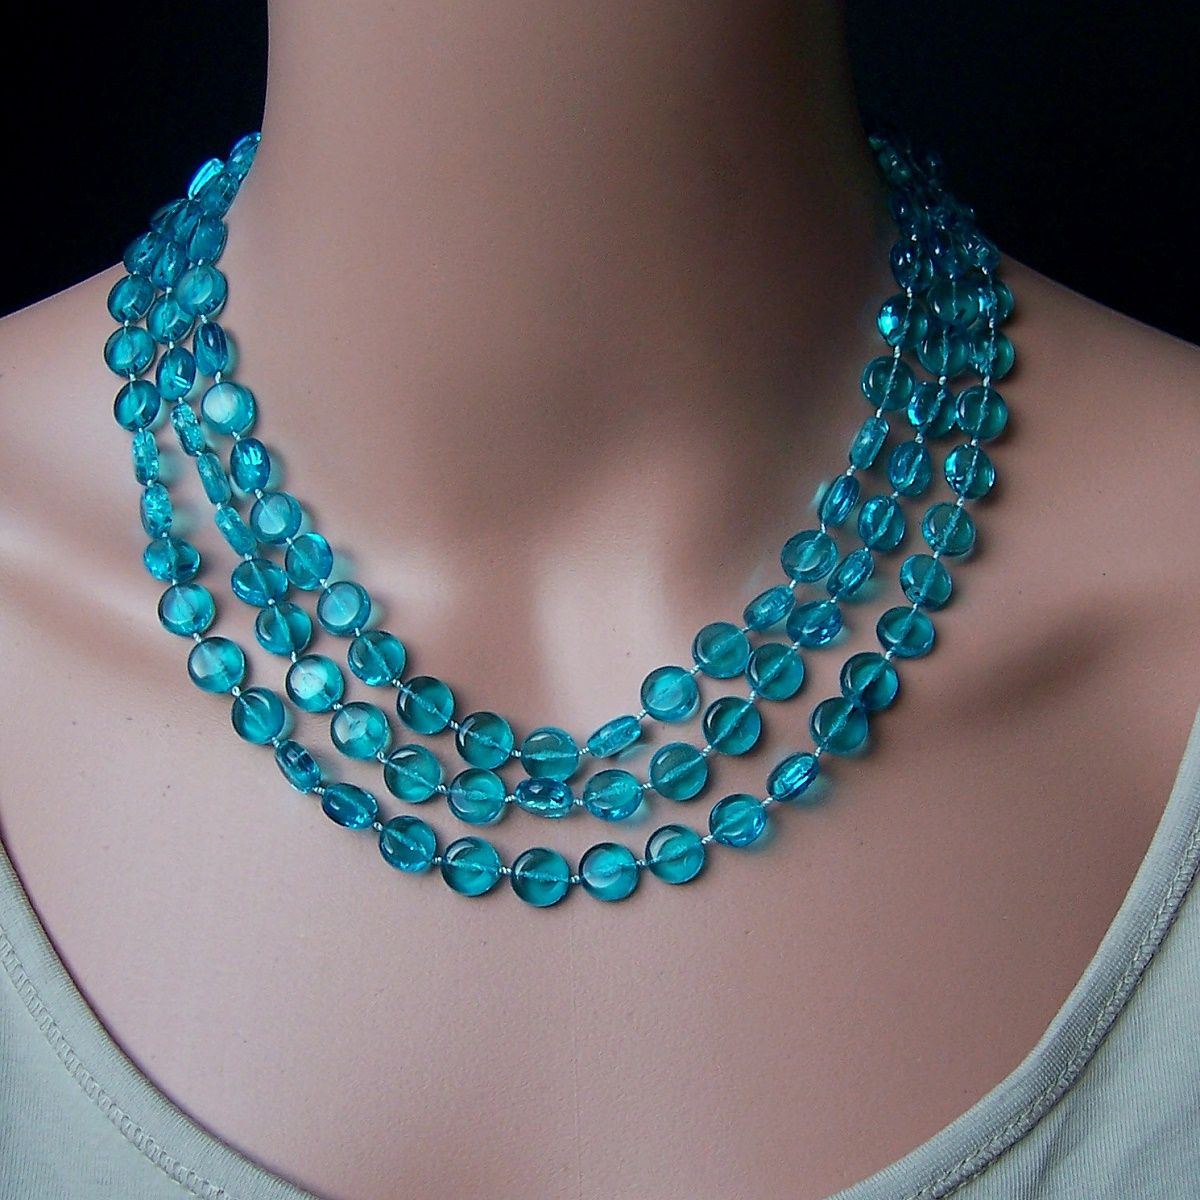 Z277# Perlenkette lang türkis Imitationsperlen Wickelkette Halskette